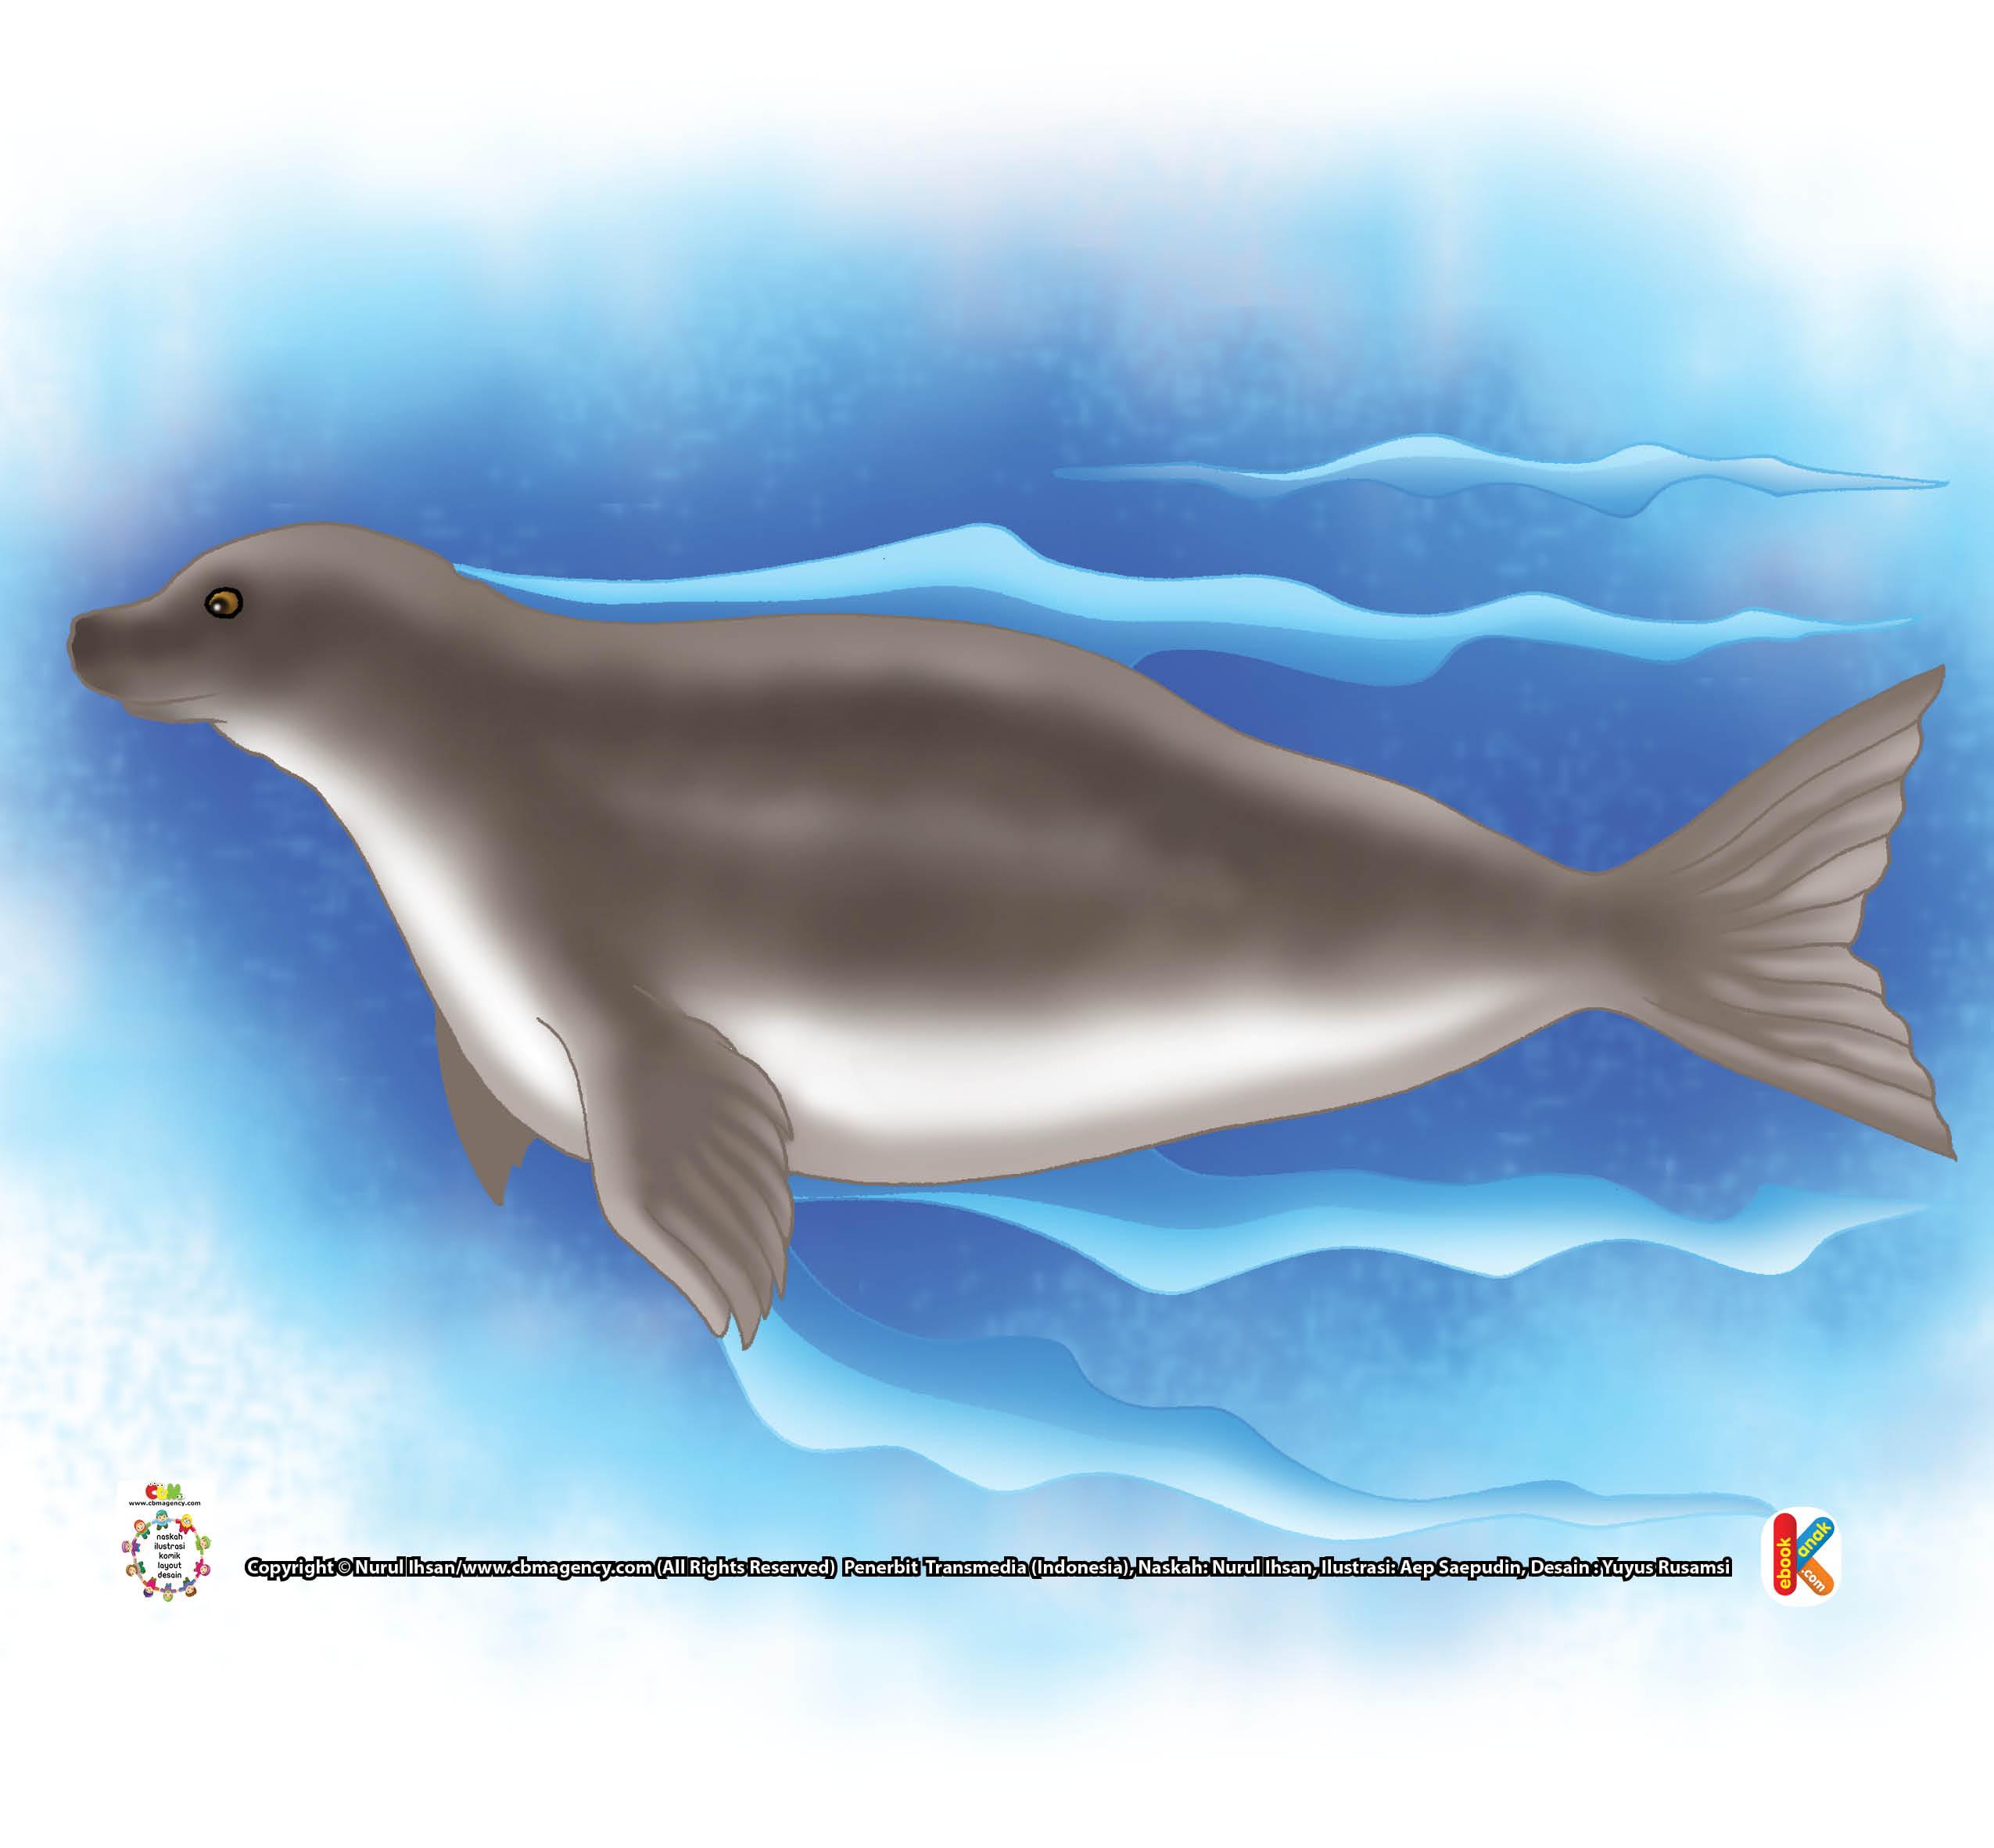 Nerpa Anjing Laut Yang Hidup Di Air Tawar